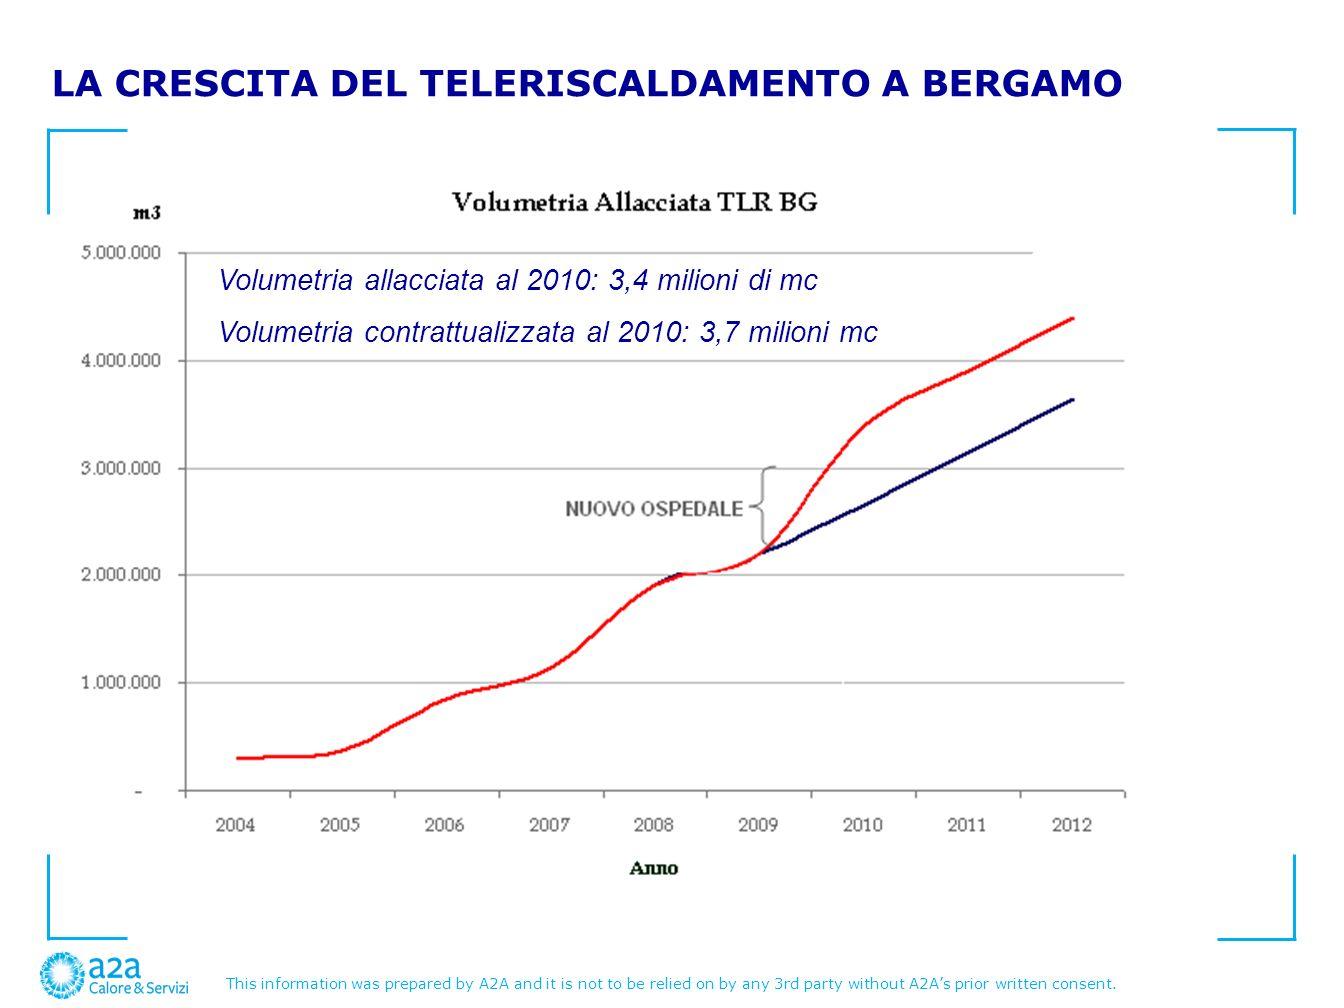 LA CRESCITA DEL TELERISCALDAMENTO A BERGAMO